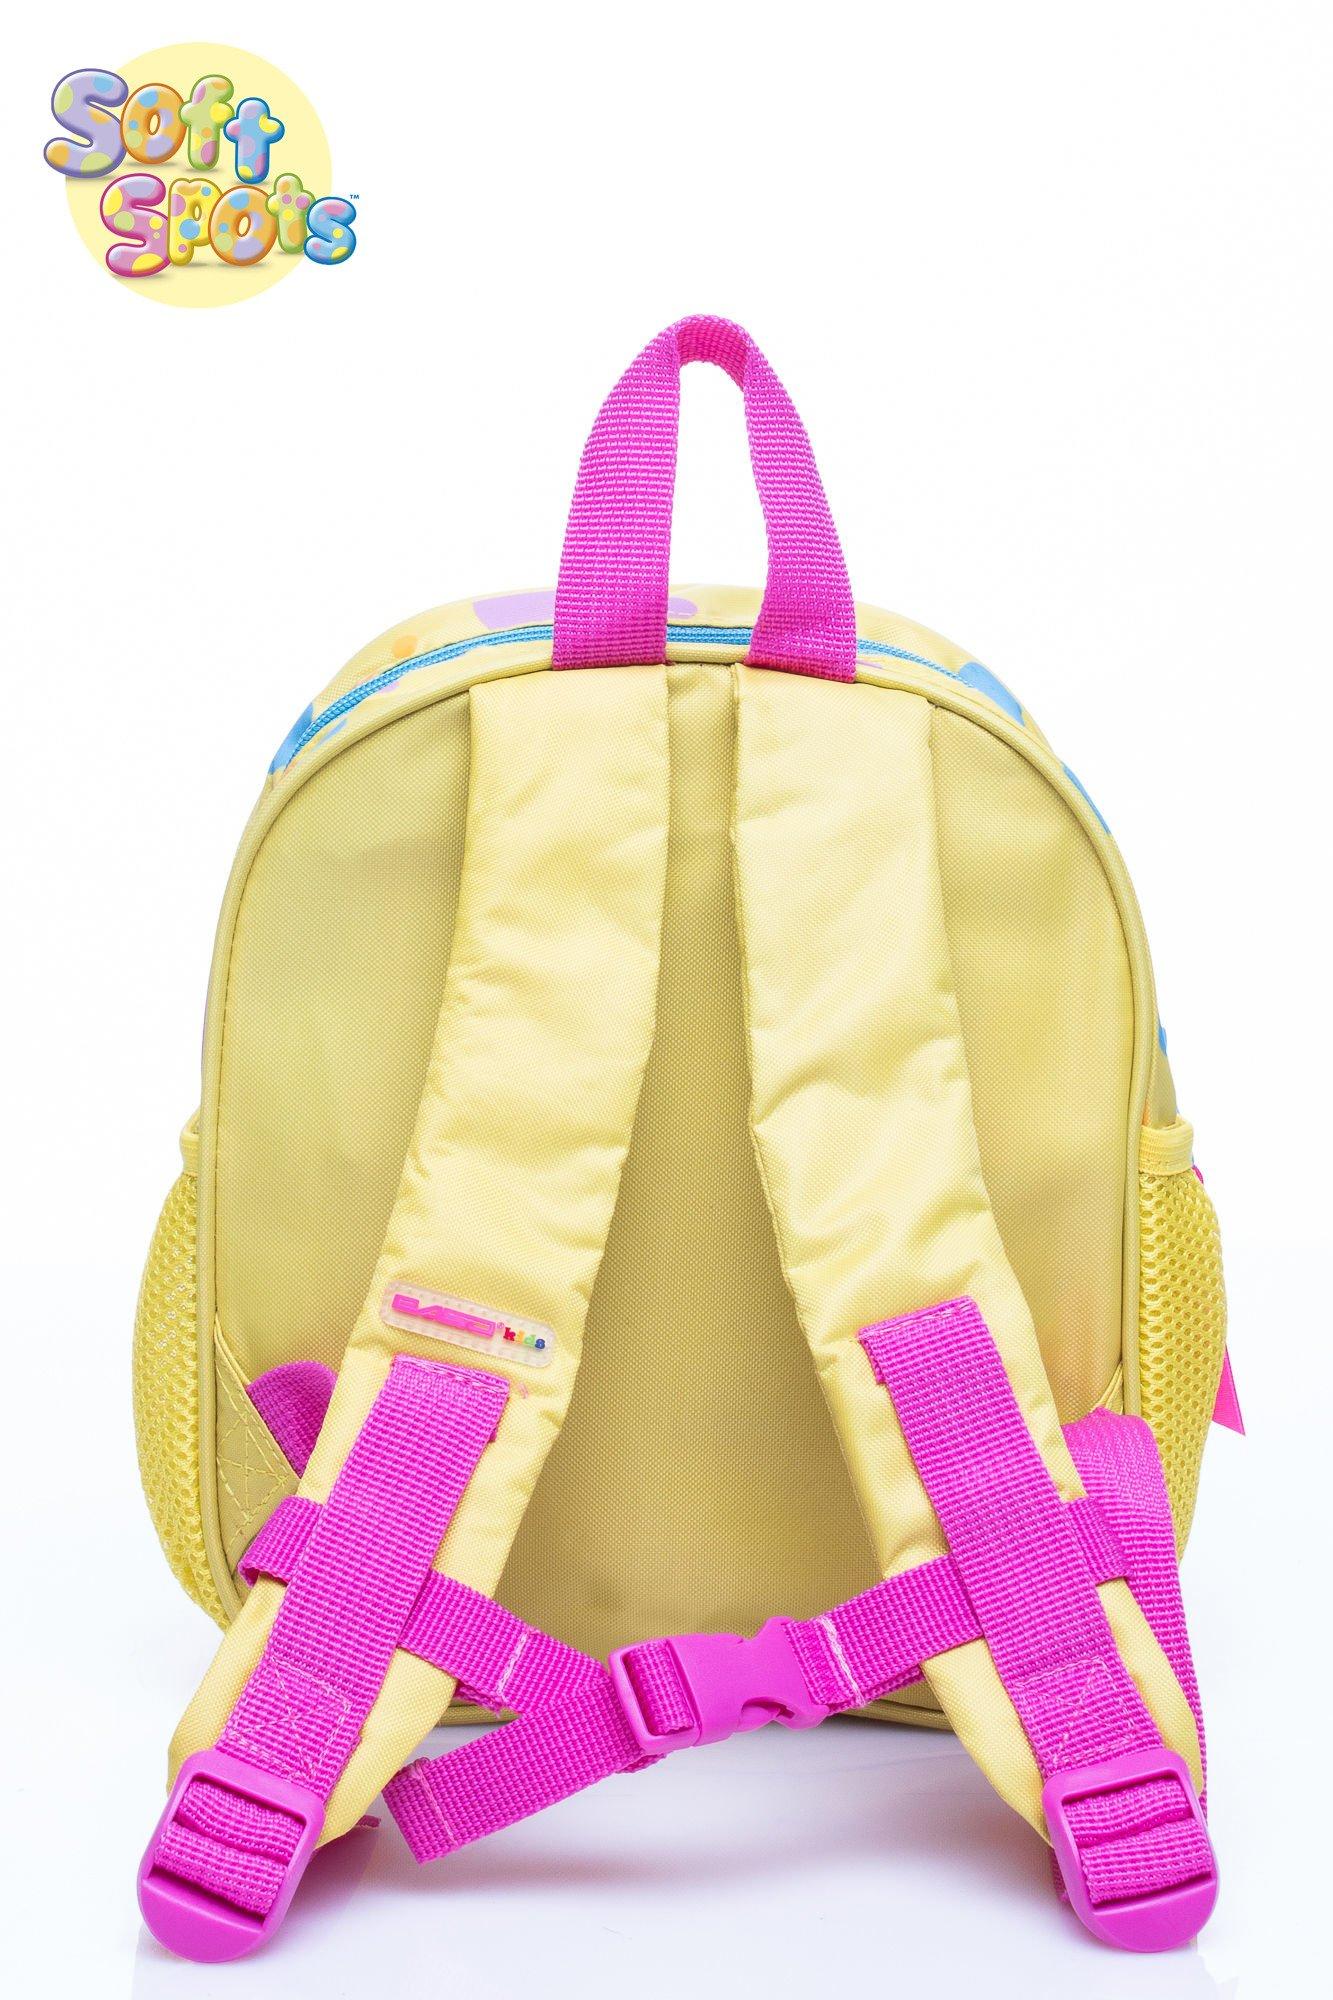 Żółty plecak na wycieczkę DISNEY Soft Spots                                  zdj.                                  4